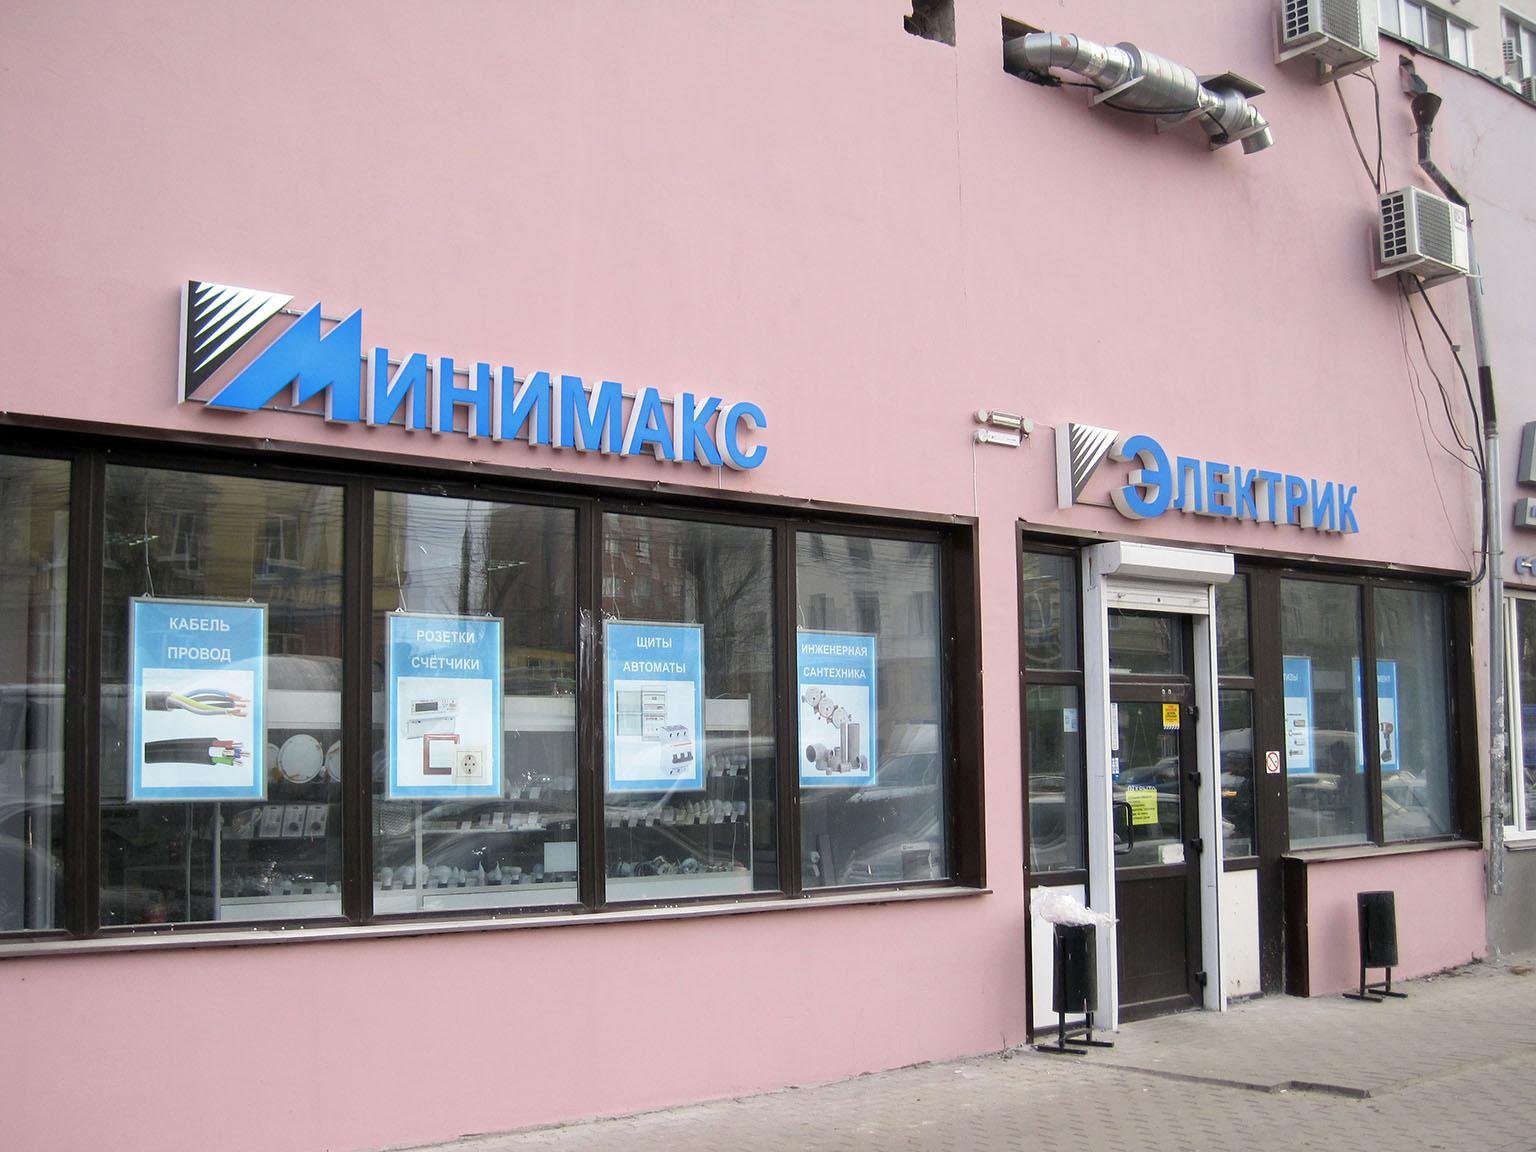 Магазин «Минимакс», объемные световые буквы и логотипы